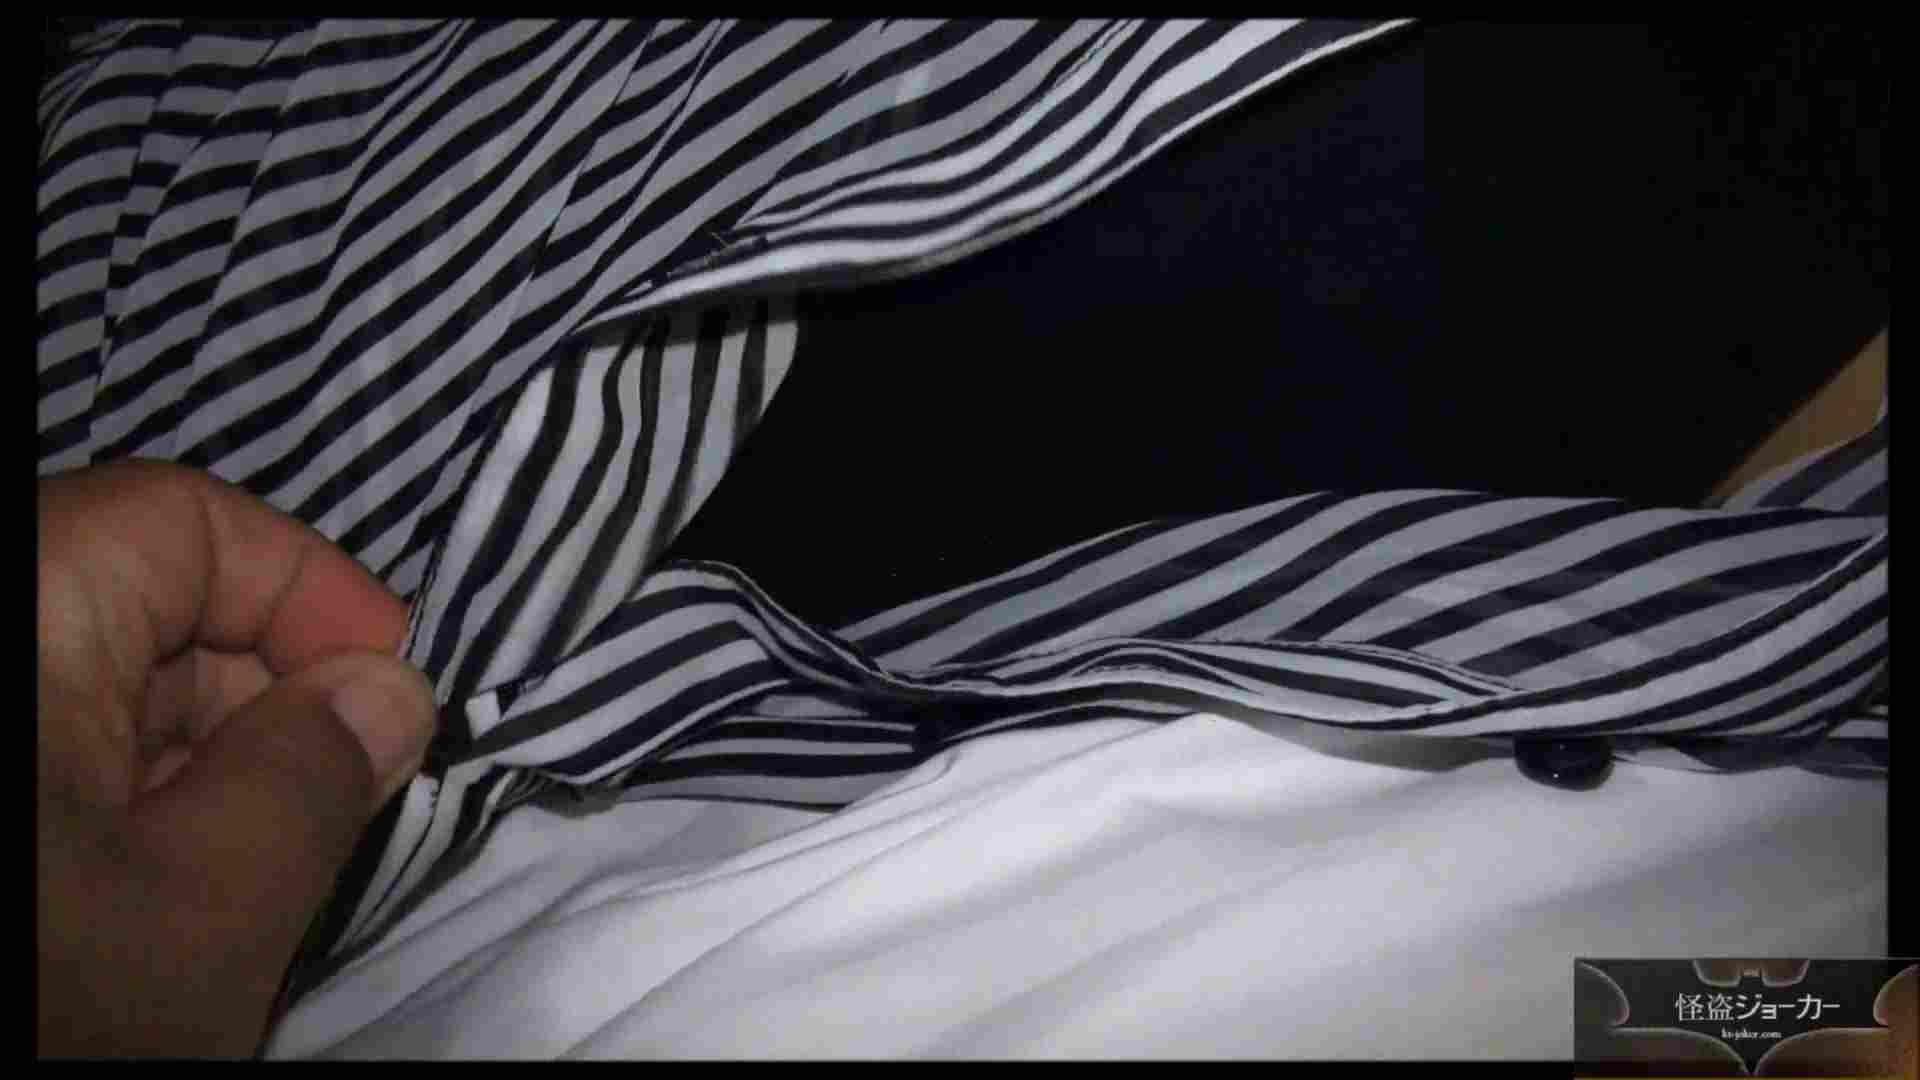 【未公開】vol.65 {黒髪美少女18歳}AIちゃん、連れ込み悪戯③ 美少女の着替え ぱこり動画紹介 92枚 47